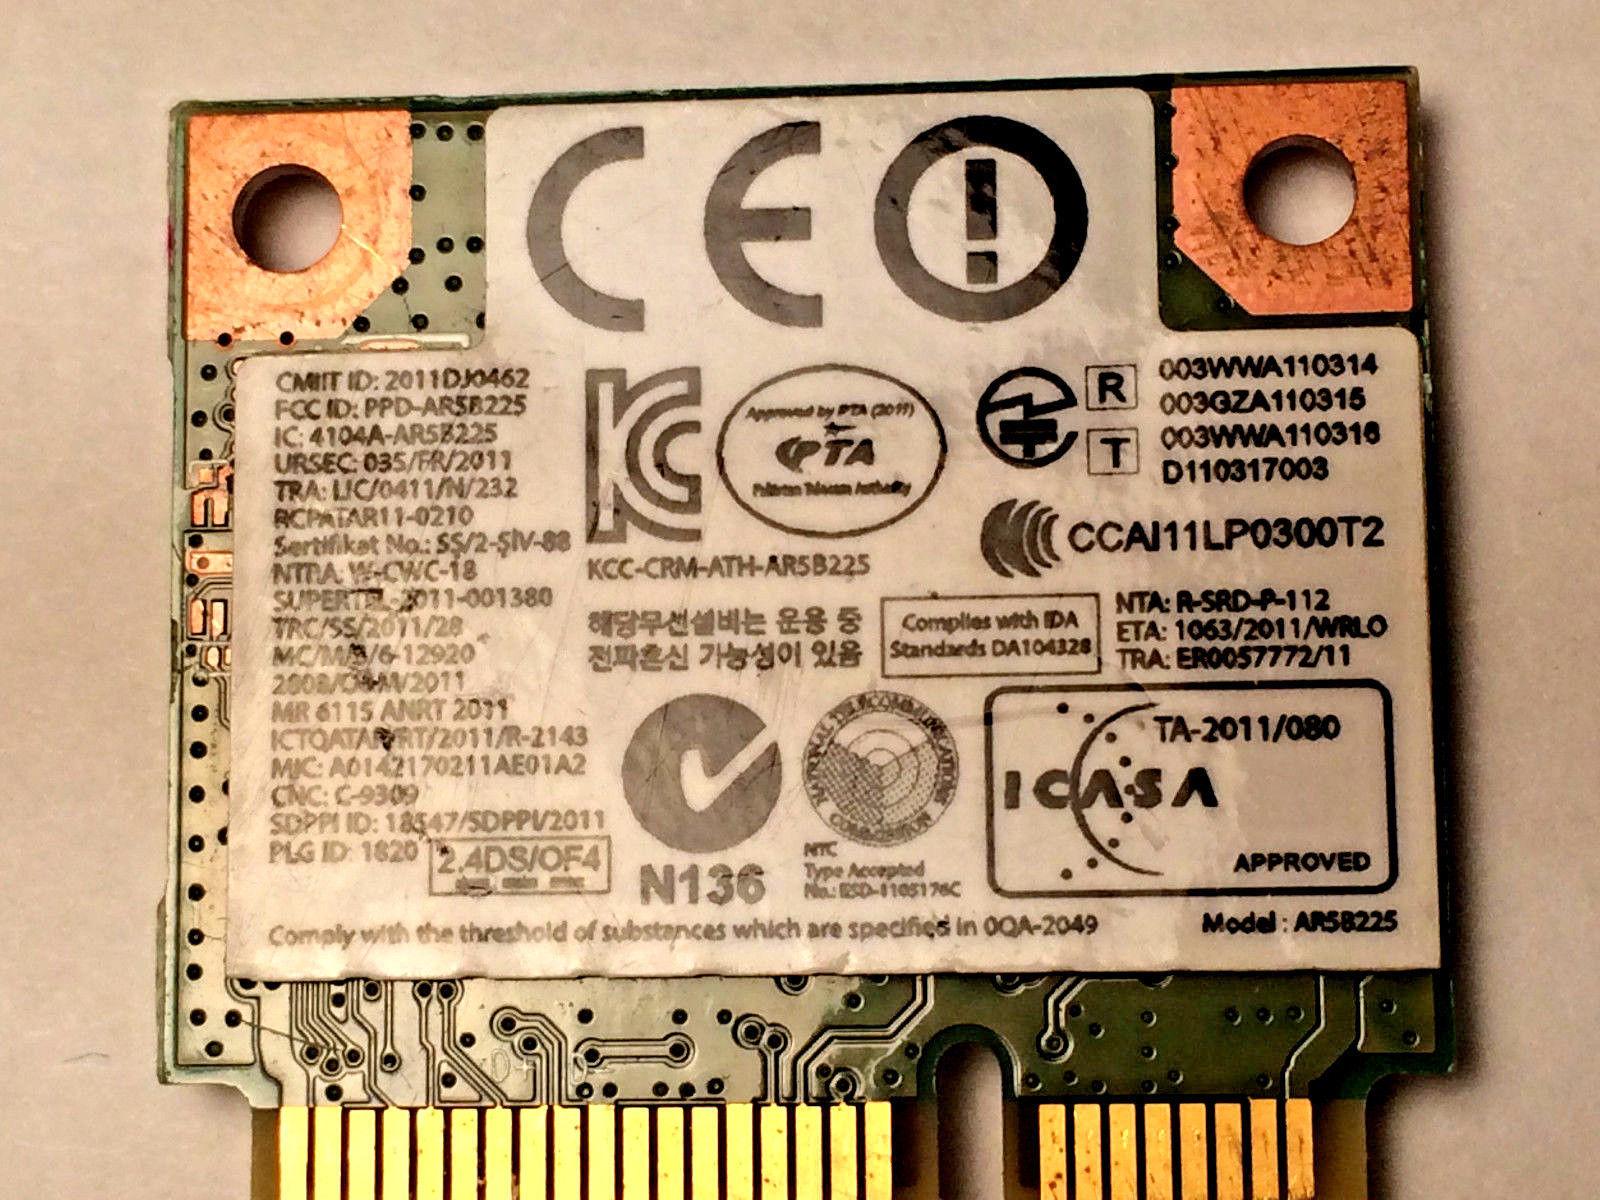 Samsung BA92-08418A b/g/n Wireless BT 4.0 PCIe Half Atheros AR5B225 OEM